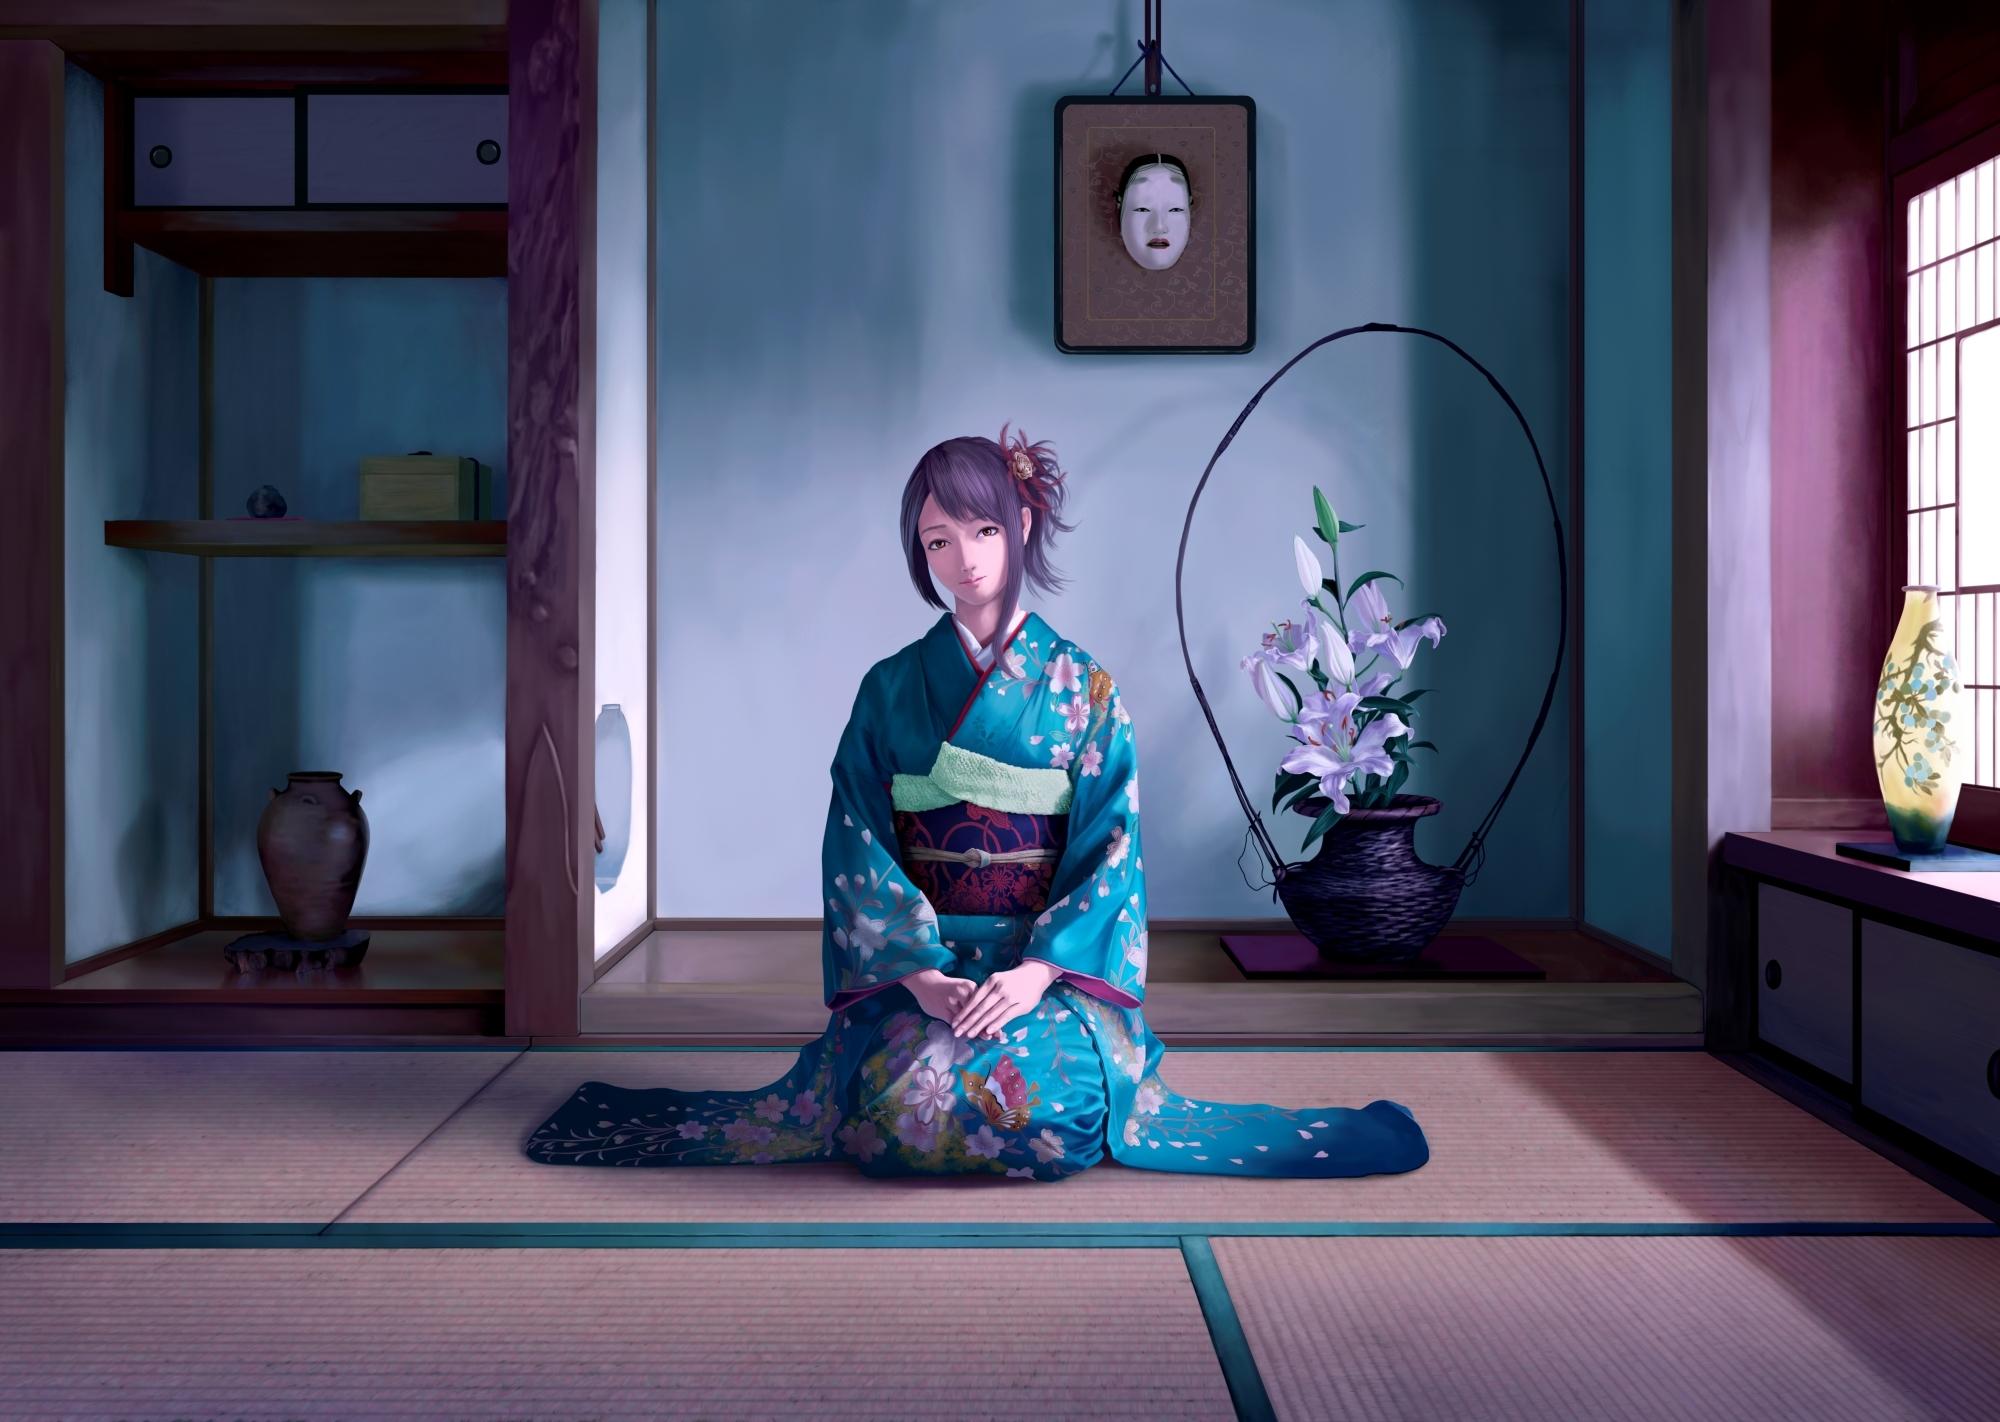 Девушка на балконе японское аниме  № 3866825 бесплатно